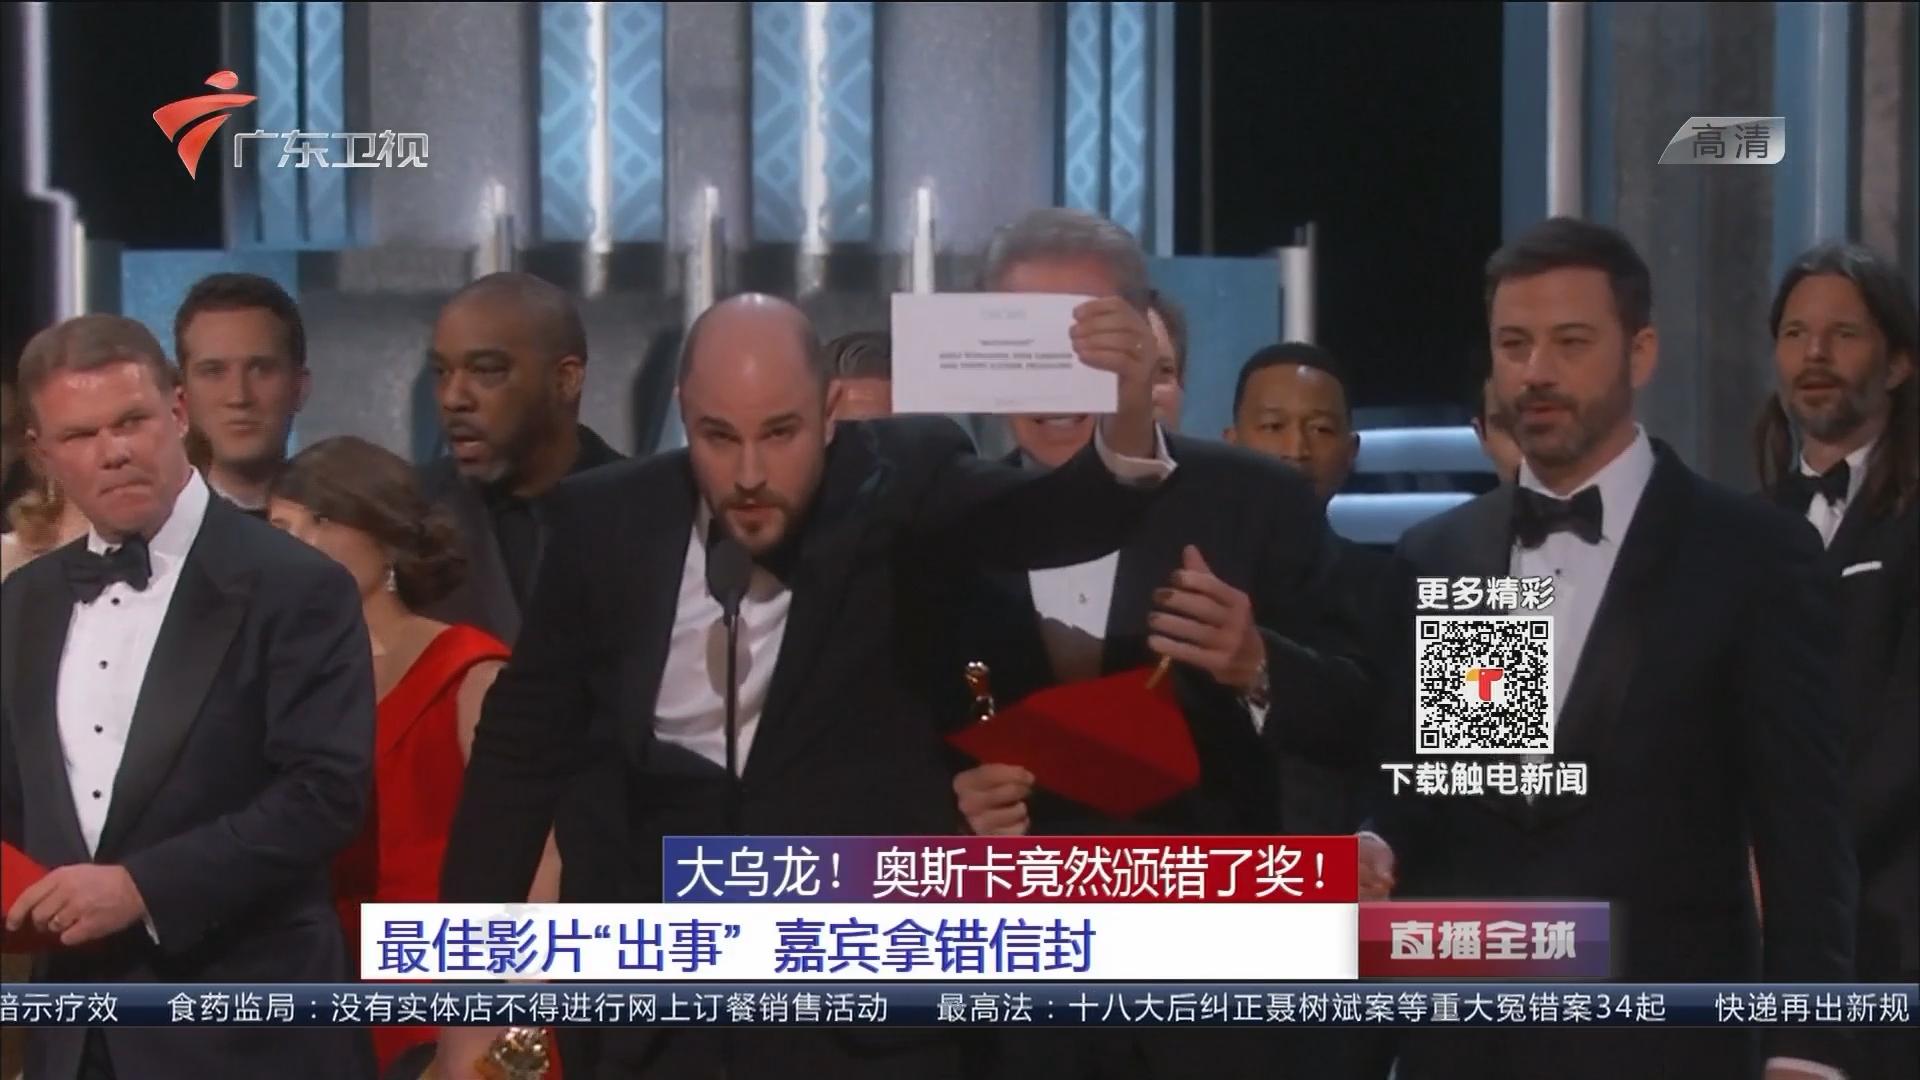 """大乌龙!奥斯卡竟然颁错了奖!最佳影片""""出事""""嘉宾拿错信封"""